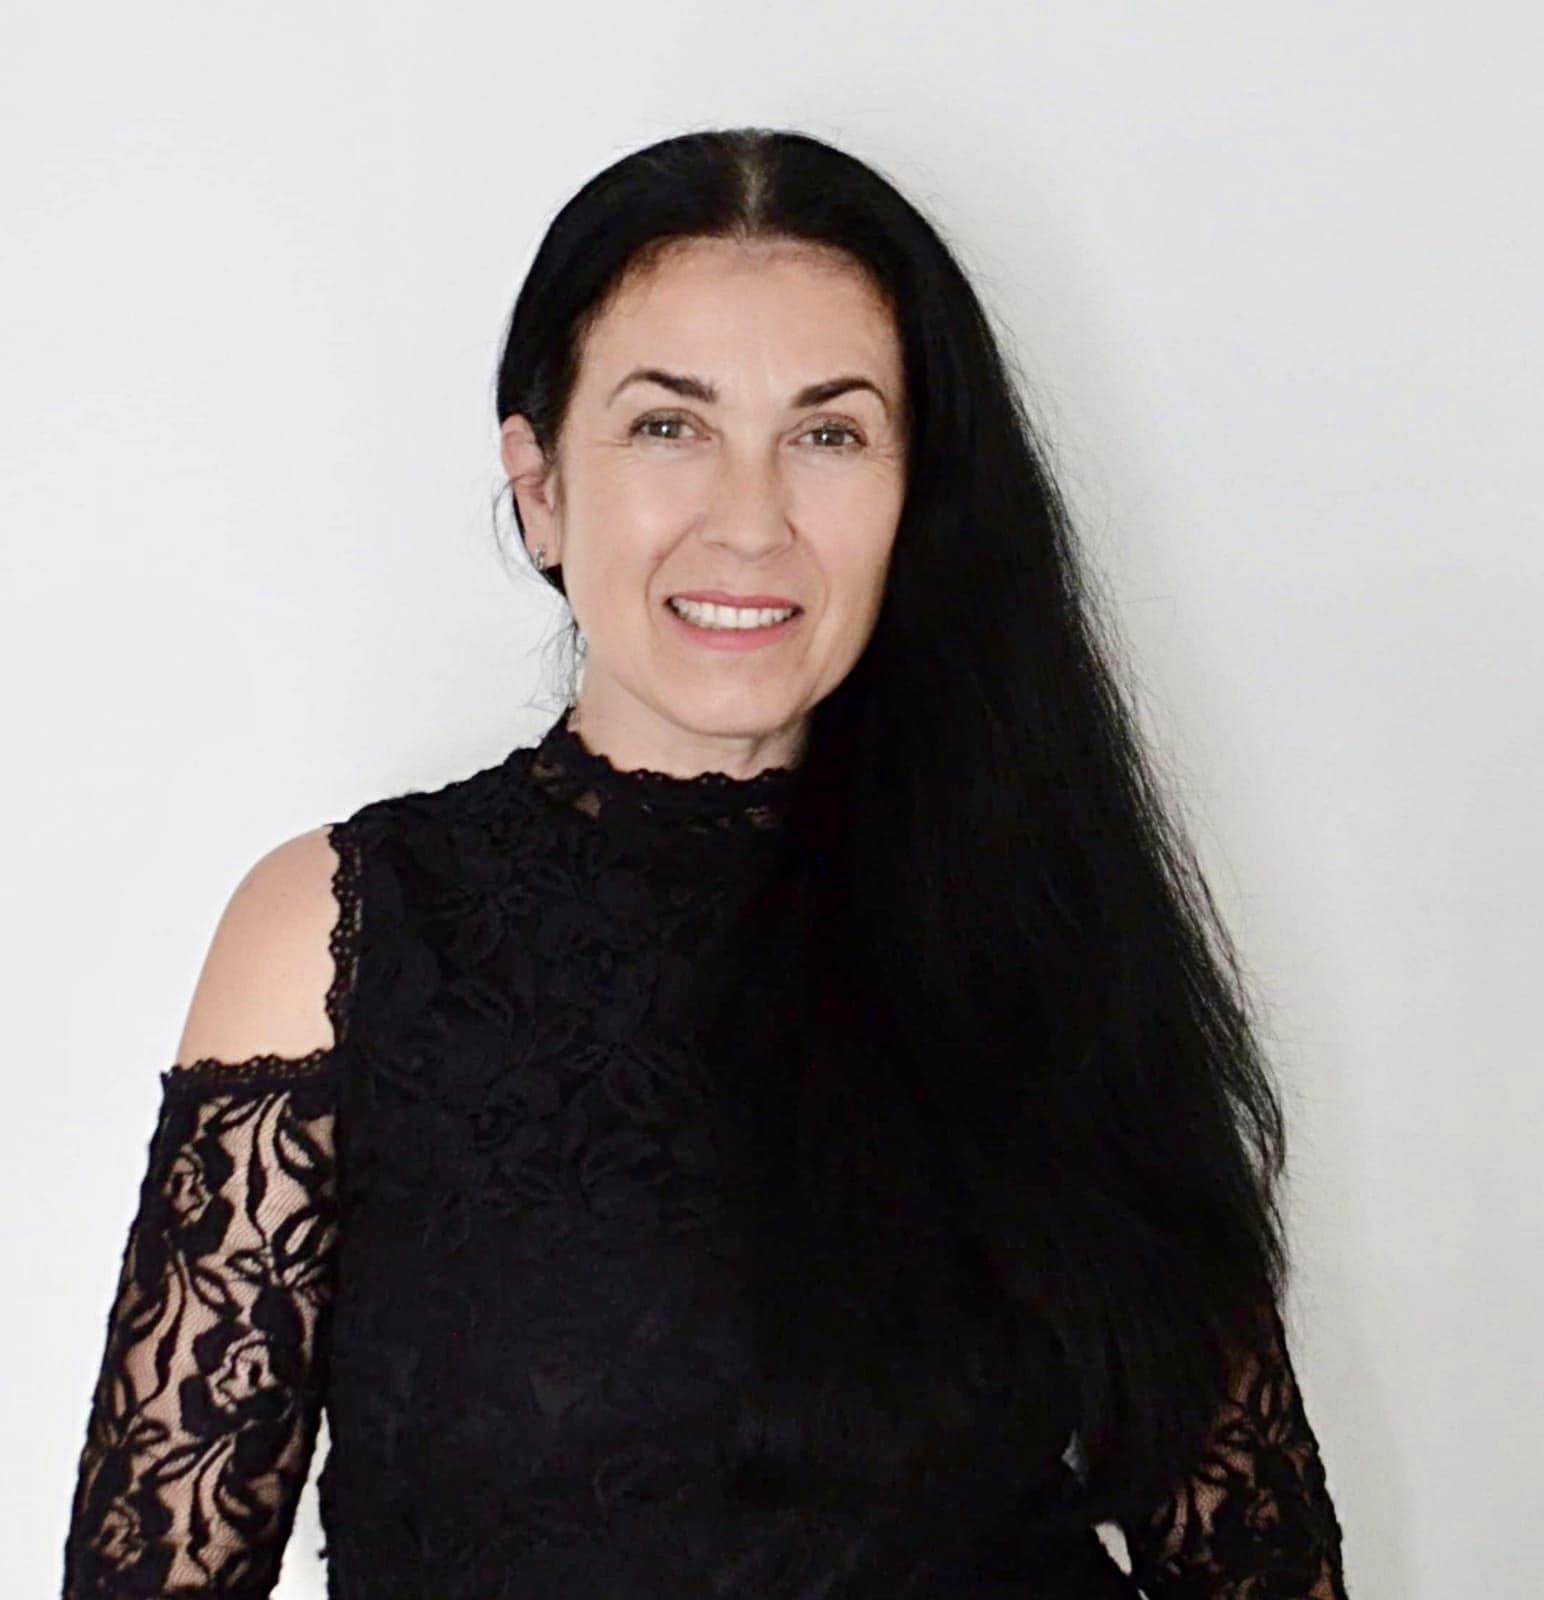 Monika Skácelová